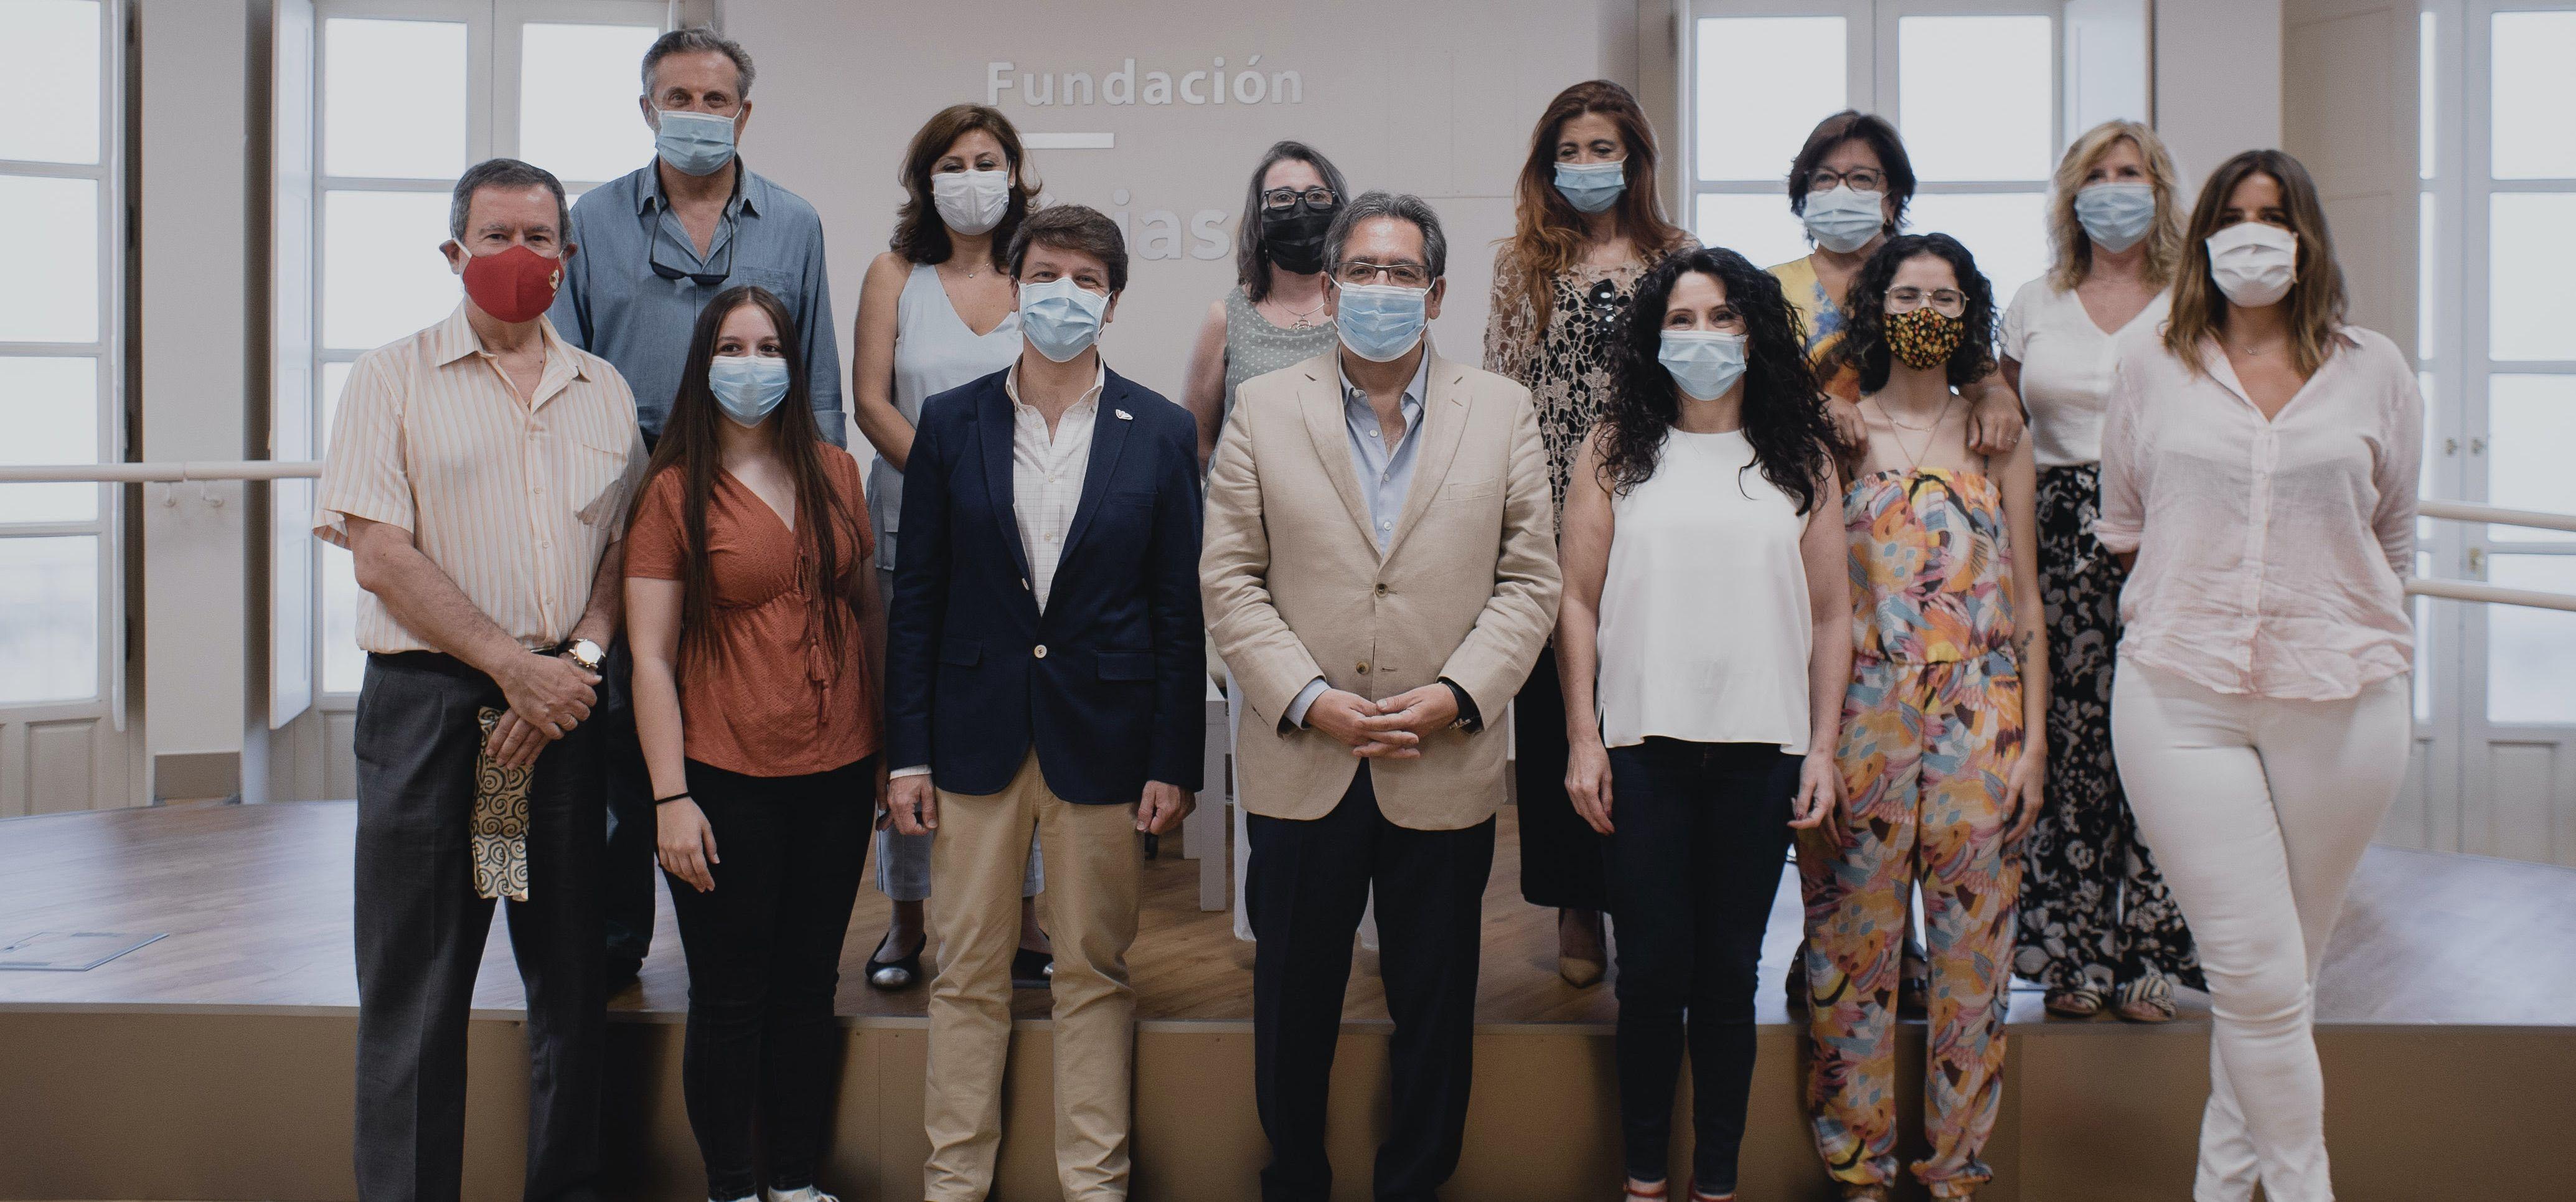 Más de 40 voluntarios han atendido más de 3.400 personas, en el teléfono que Cajasol puso en marcha en los primero días de la pandemia.